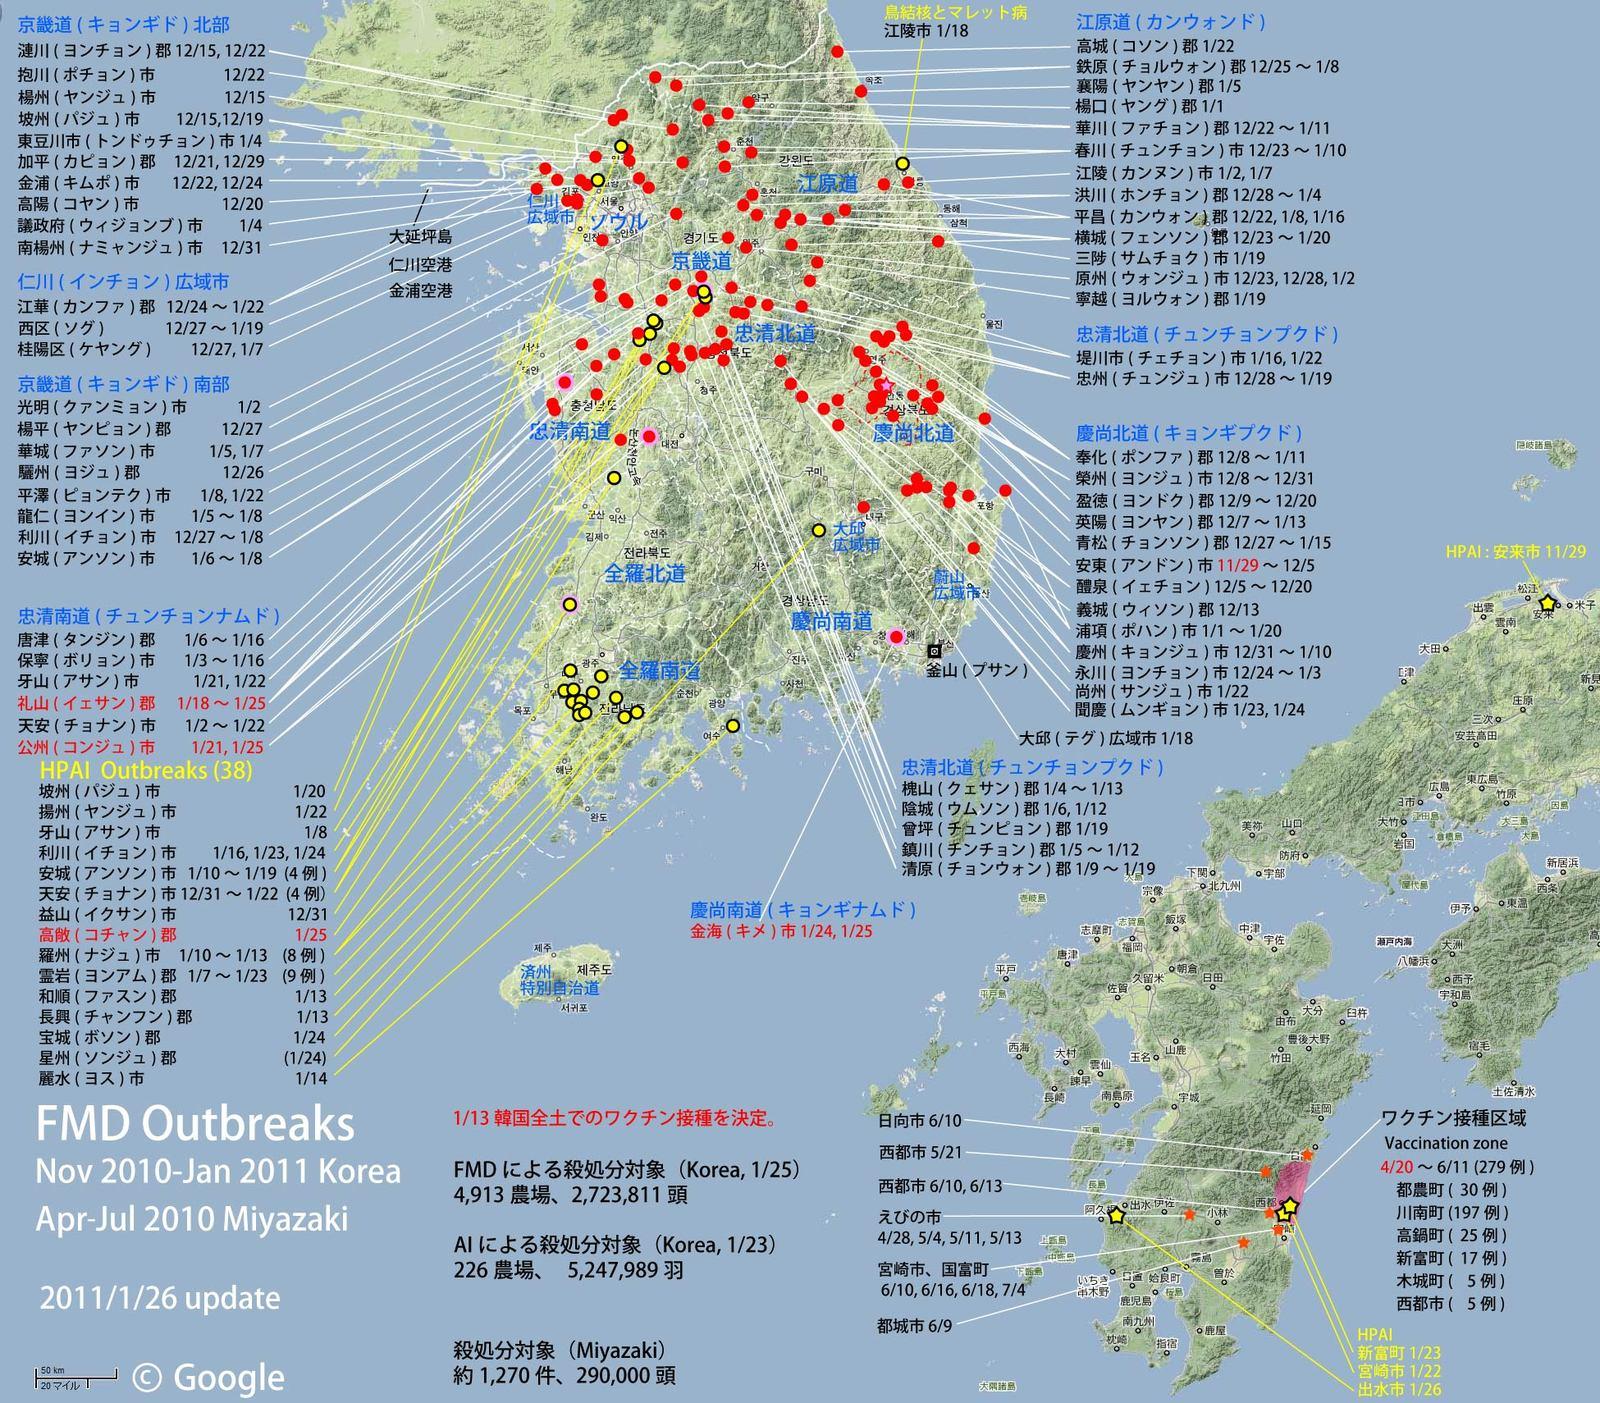 地図とグラフ: 韓国における口...